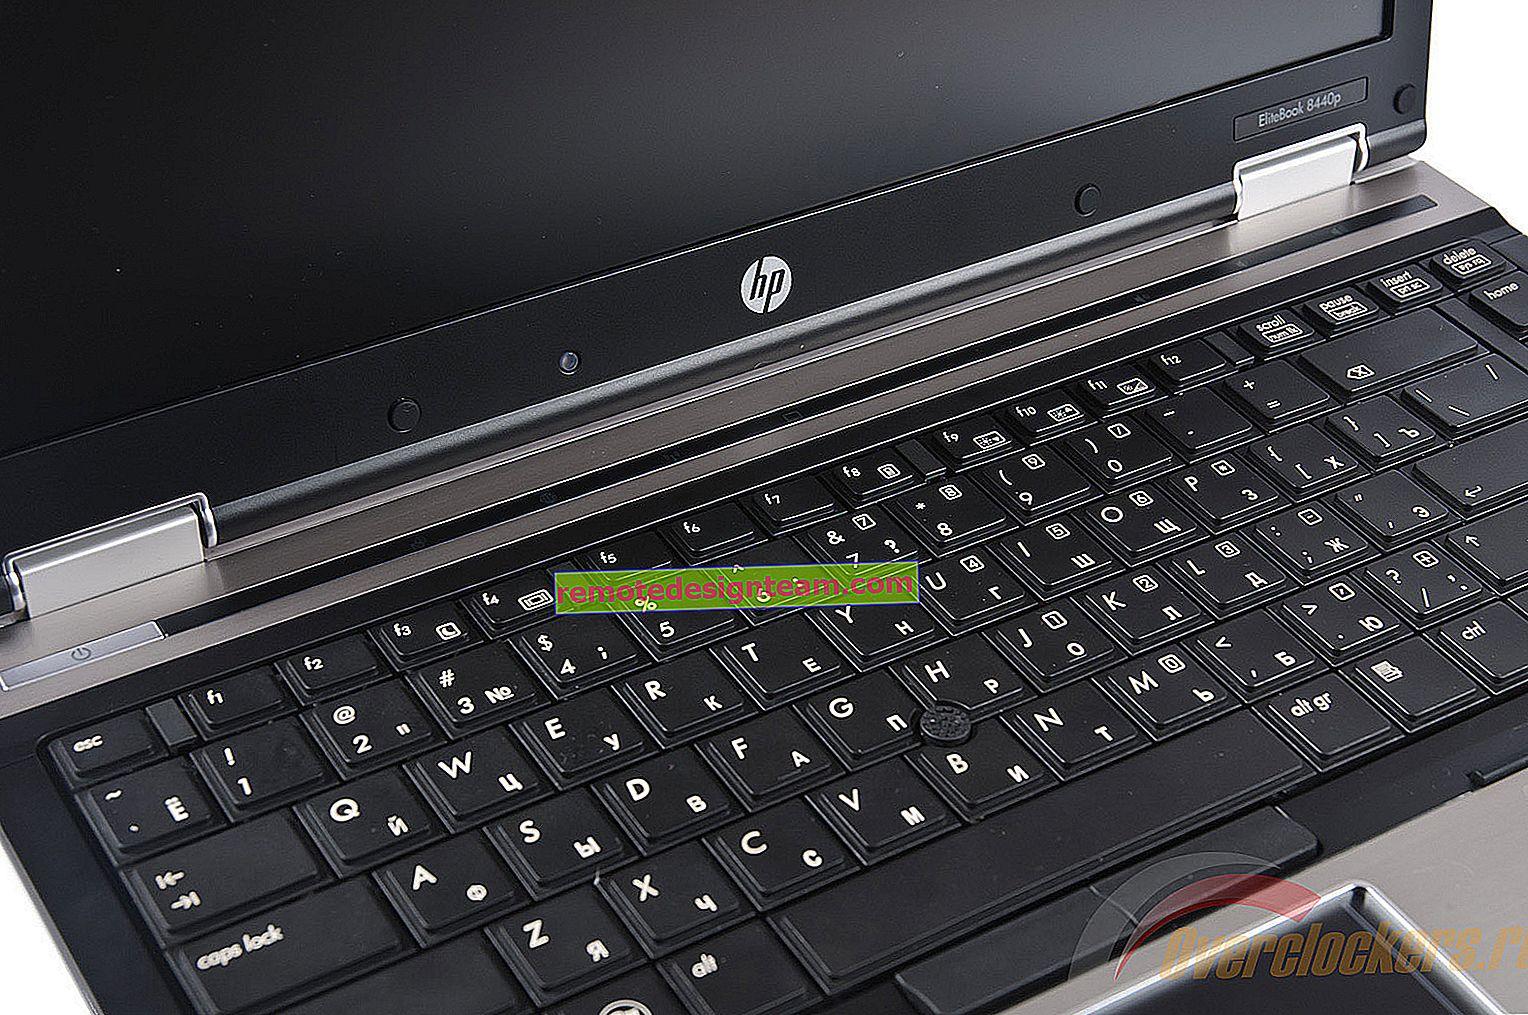 จะเปิด Wi-Fi บนแล็ปท็อปได้อย่างไรหากแป้นพิมพ์เสียหรือแป้น FN ไม่ทำงาน